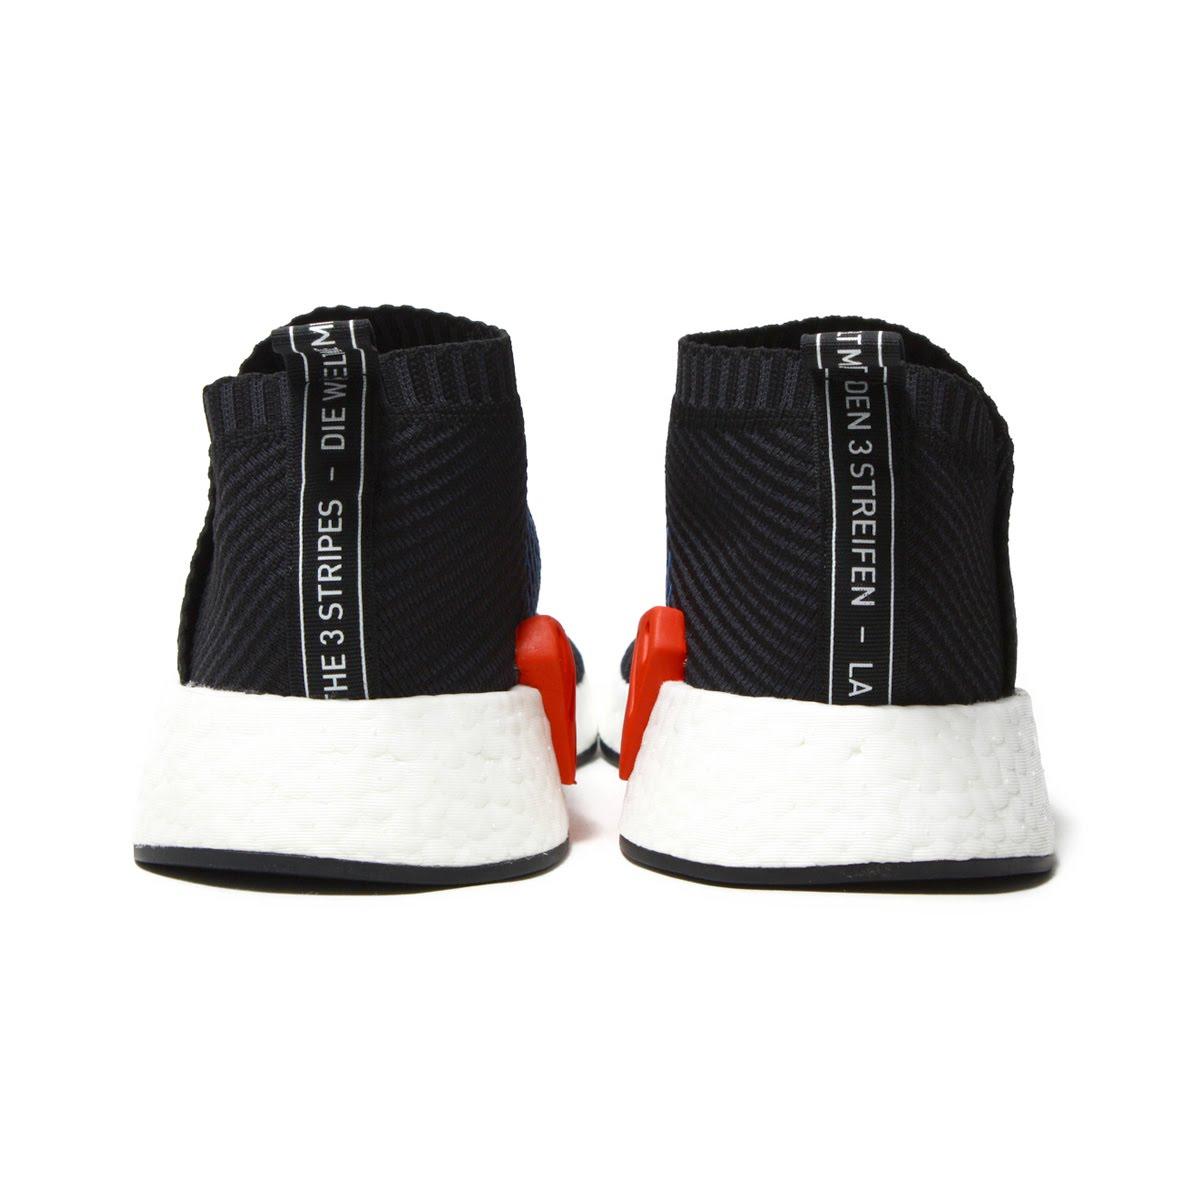 0e4a02ef328ab adidas Originals NMD CS2 PK (Adidas originals N M D CS2 PK) Core Black Red  Solid 18SP-I